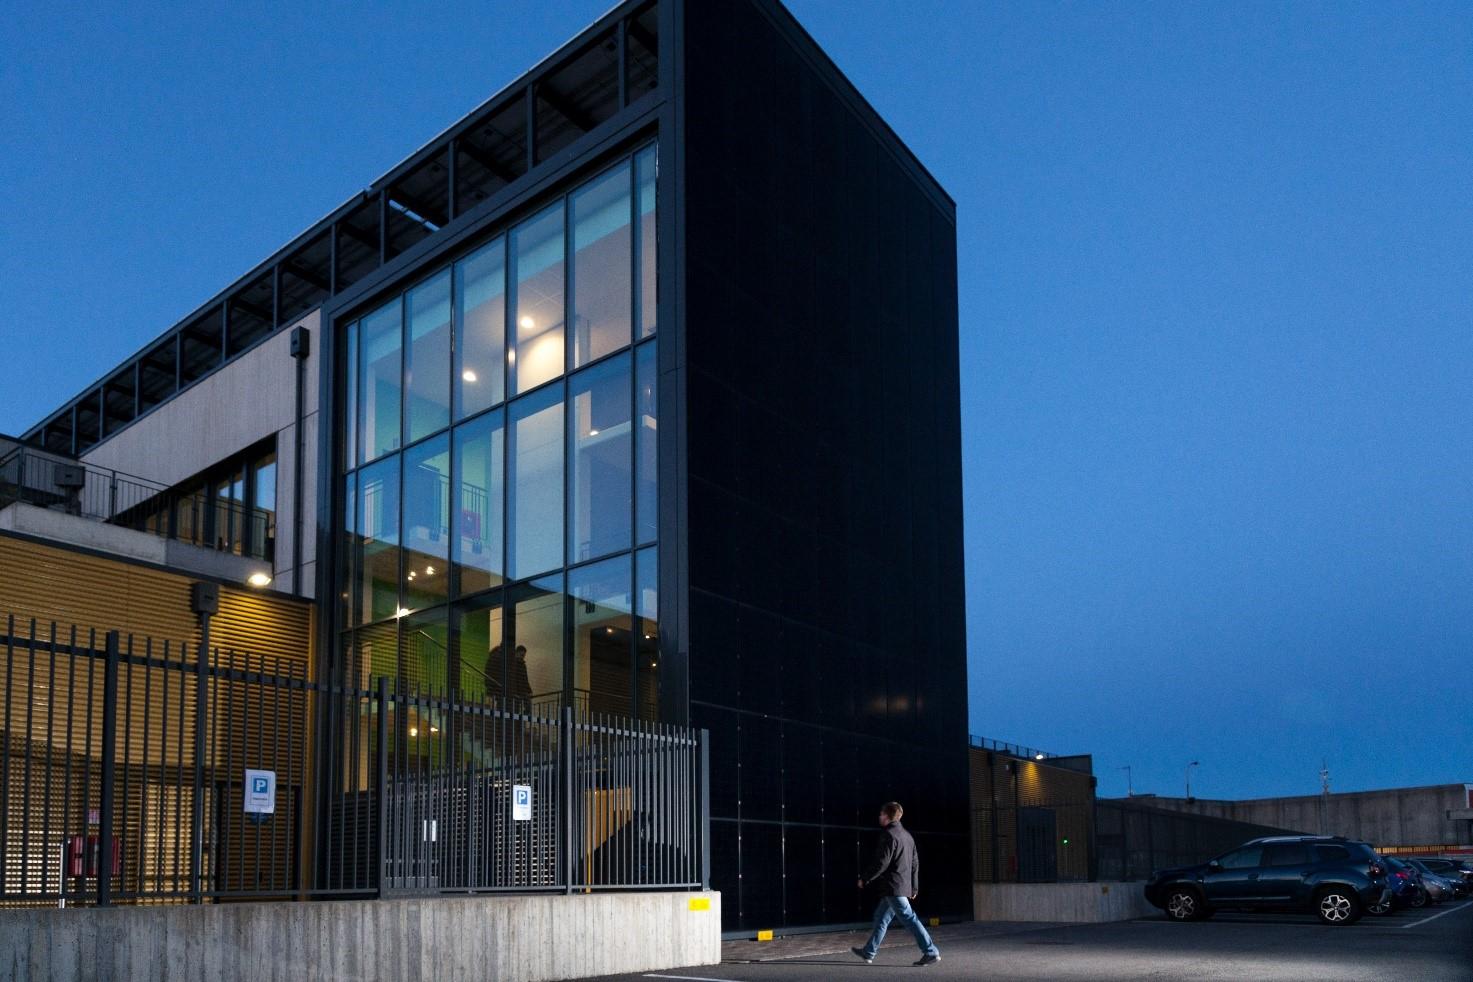 La sede di Brunello4 che accoglie il nostro data center